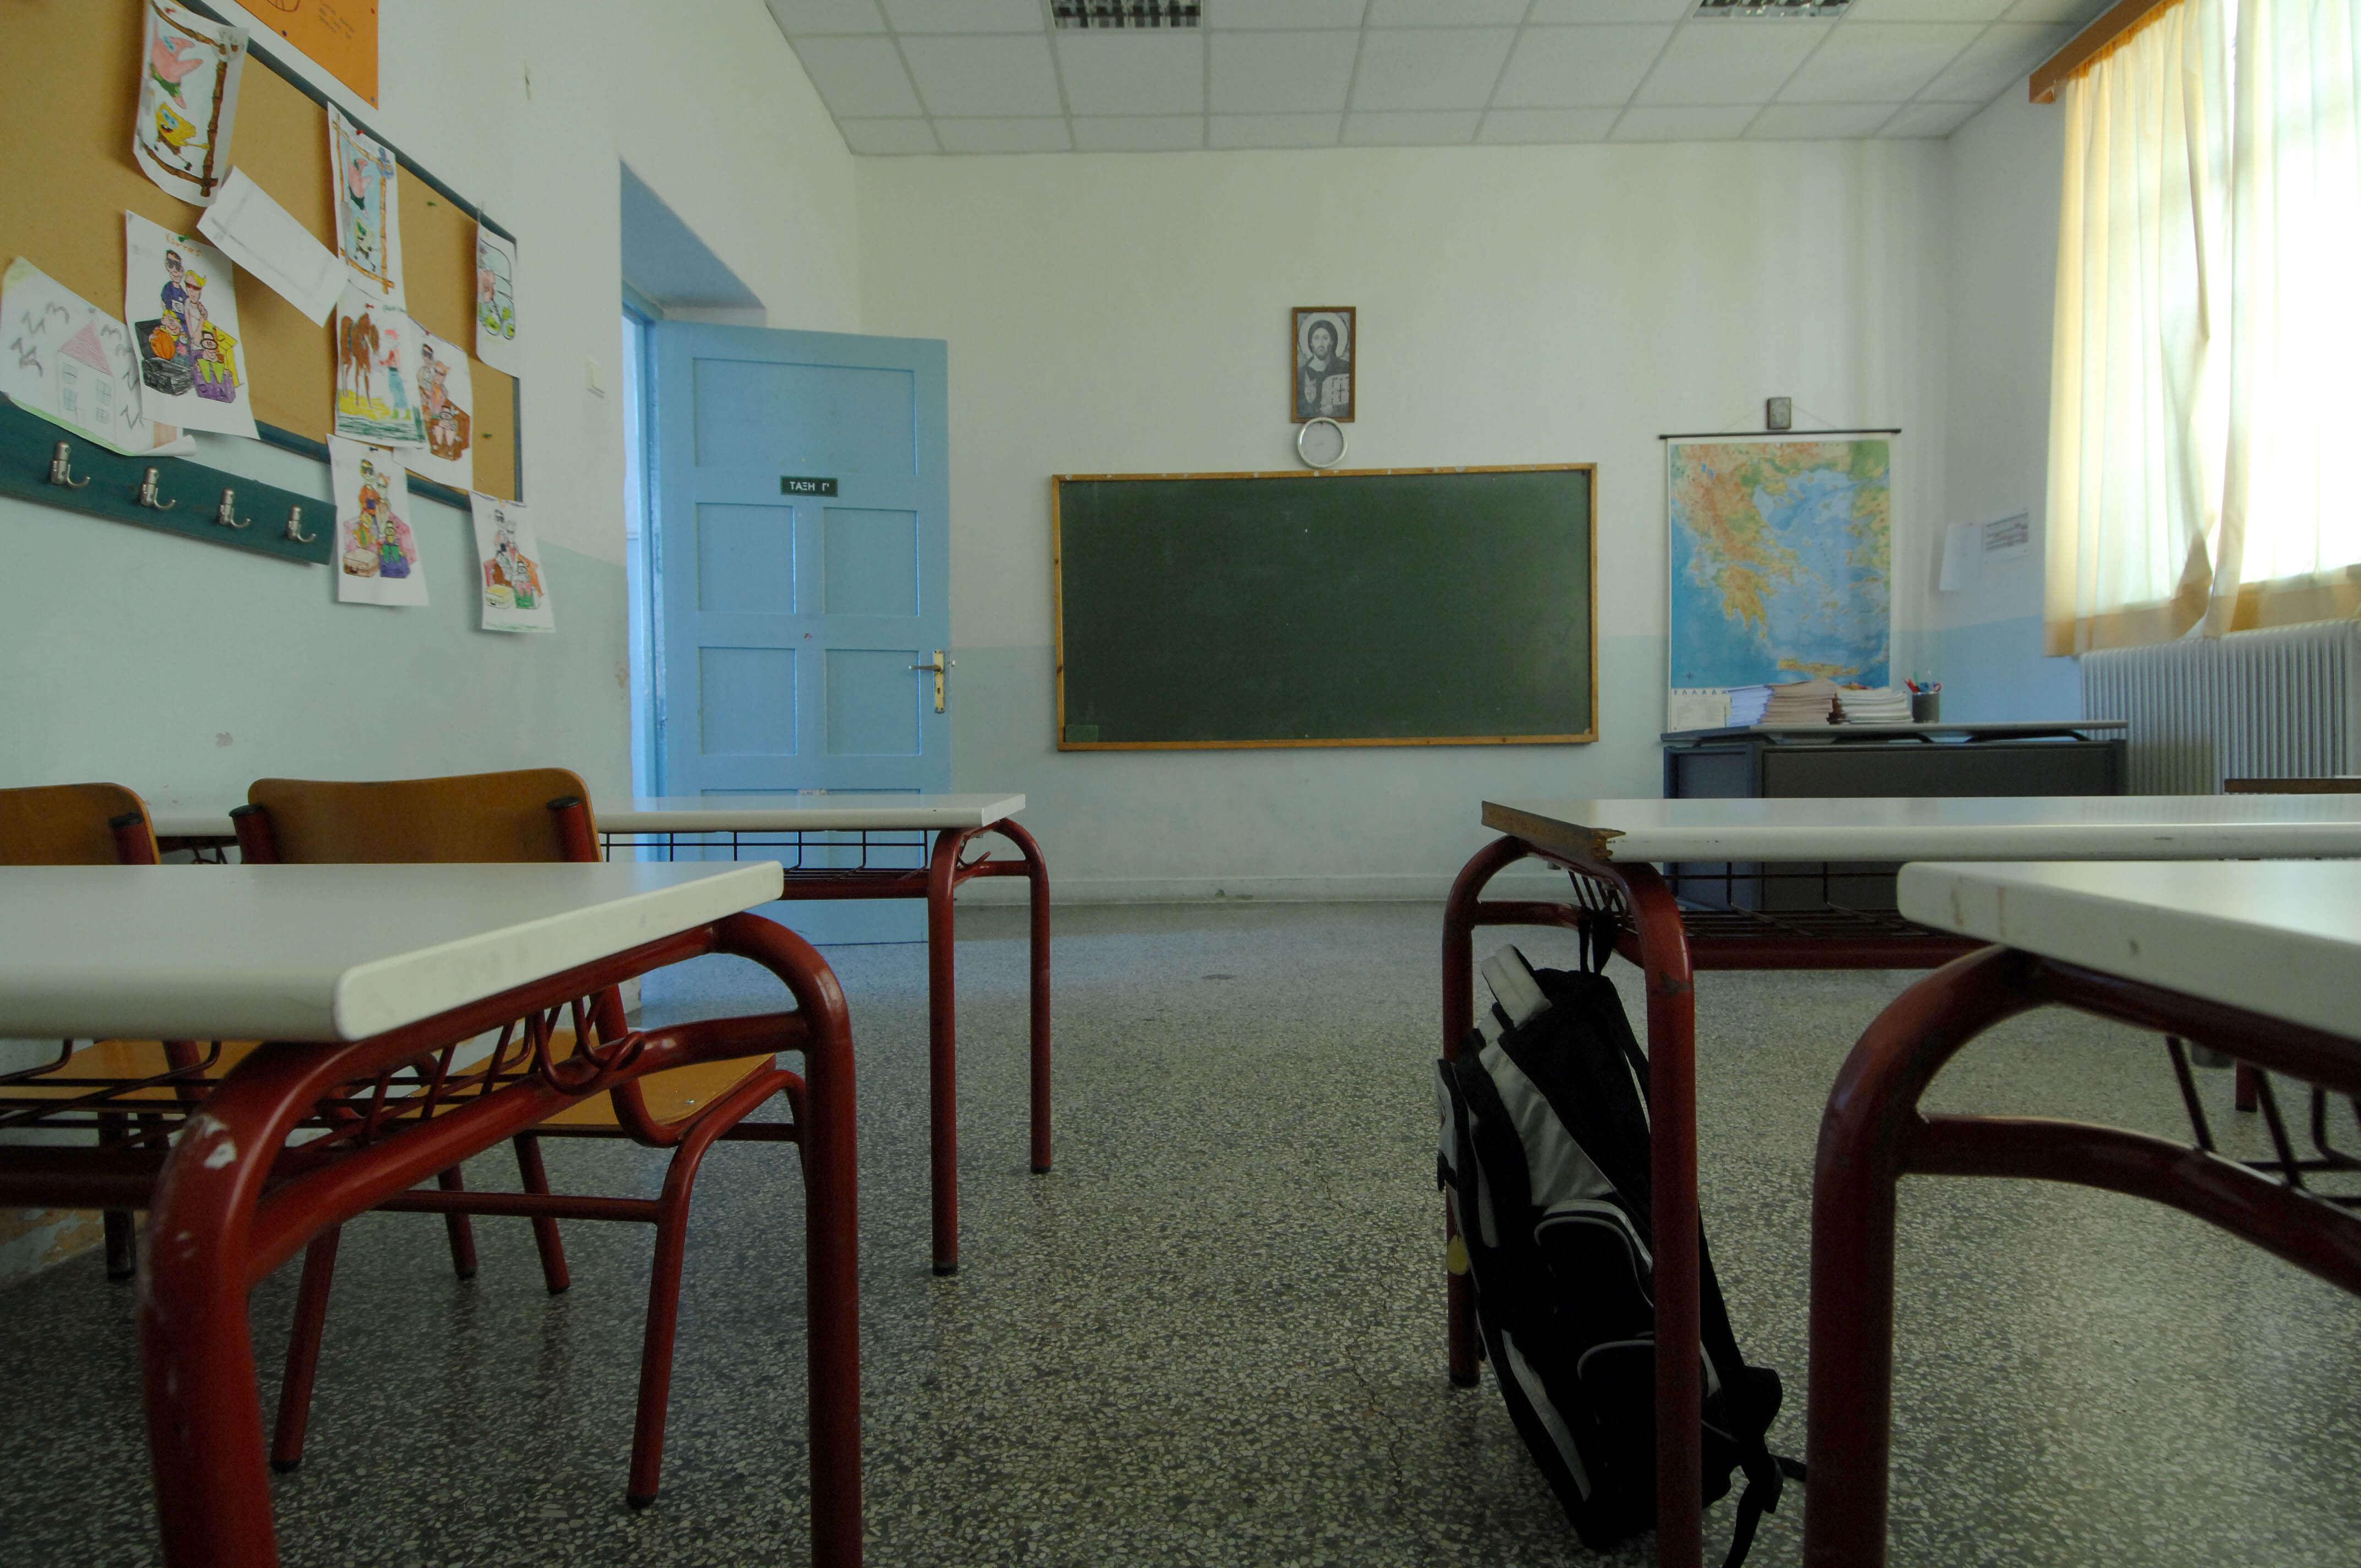 Τι ζητά η ΟΛΜΕ για τις απουσίες των μαθητών λόγω γρίπης – Επιστολή σε Γαβρόγλου